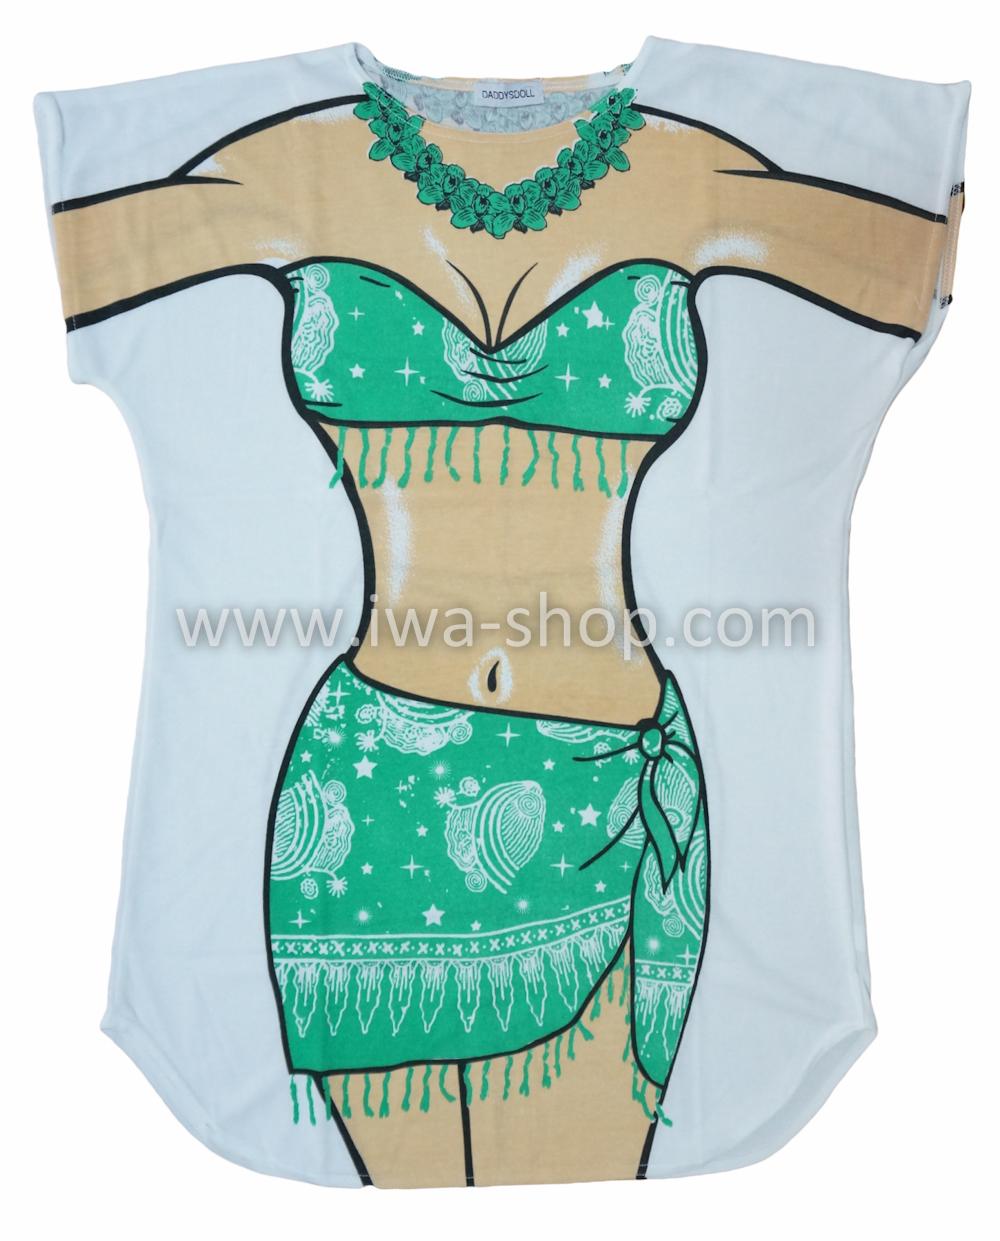 เสื้อสกรีนบิกินี่ ลายชุดฮาวายเขียว